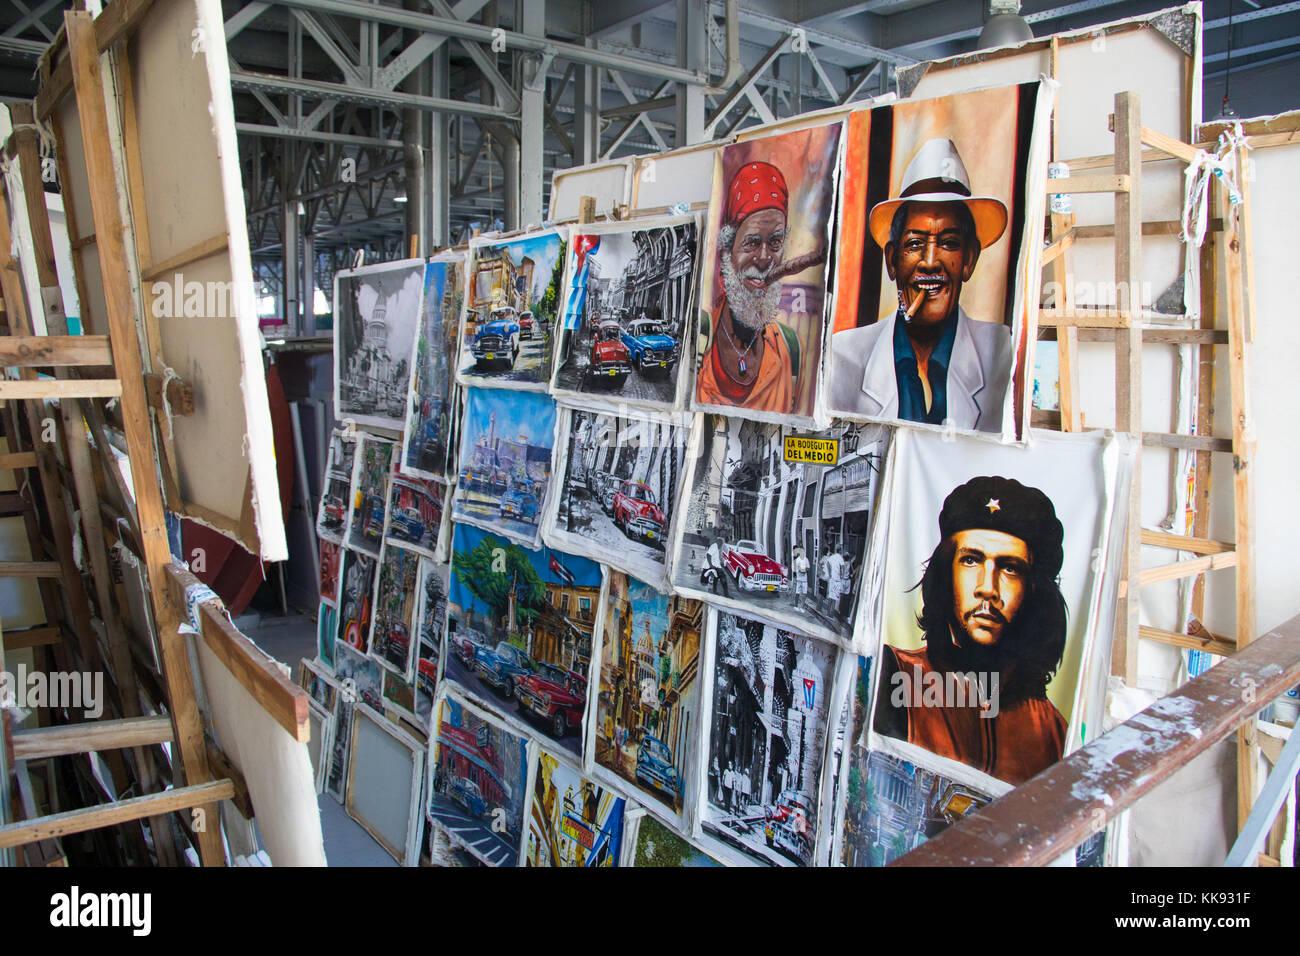 Centro Cultural Antiguos Almacenes de San Jose Deposito, marché de La Havane, Cuba Photo Stock